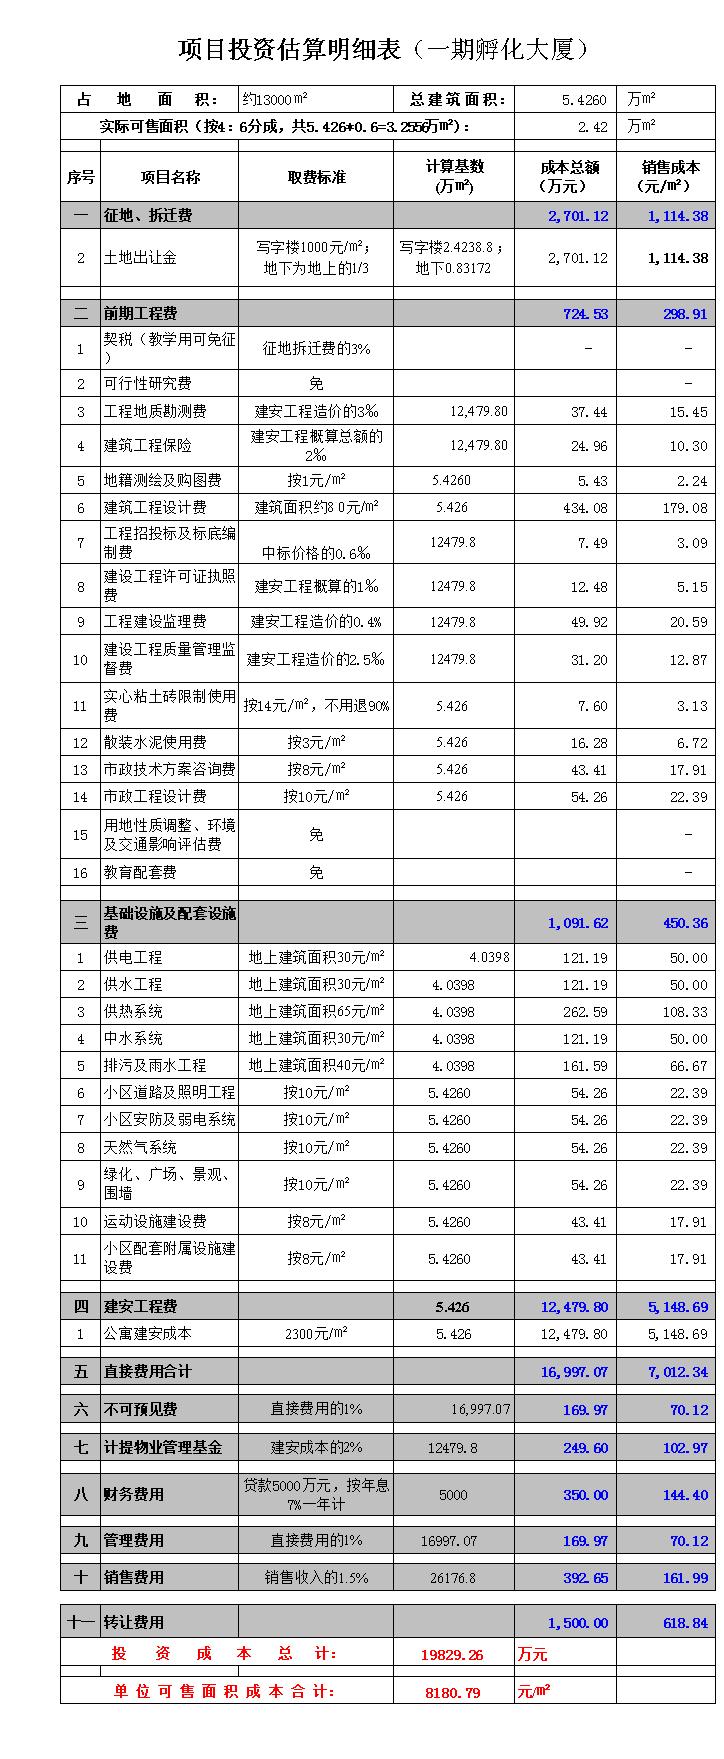 北理工项目资金安排计划表.xls